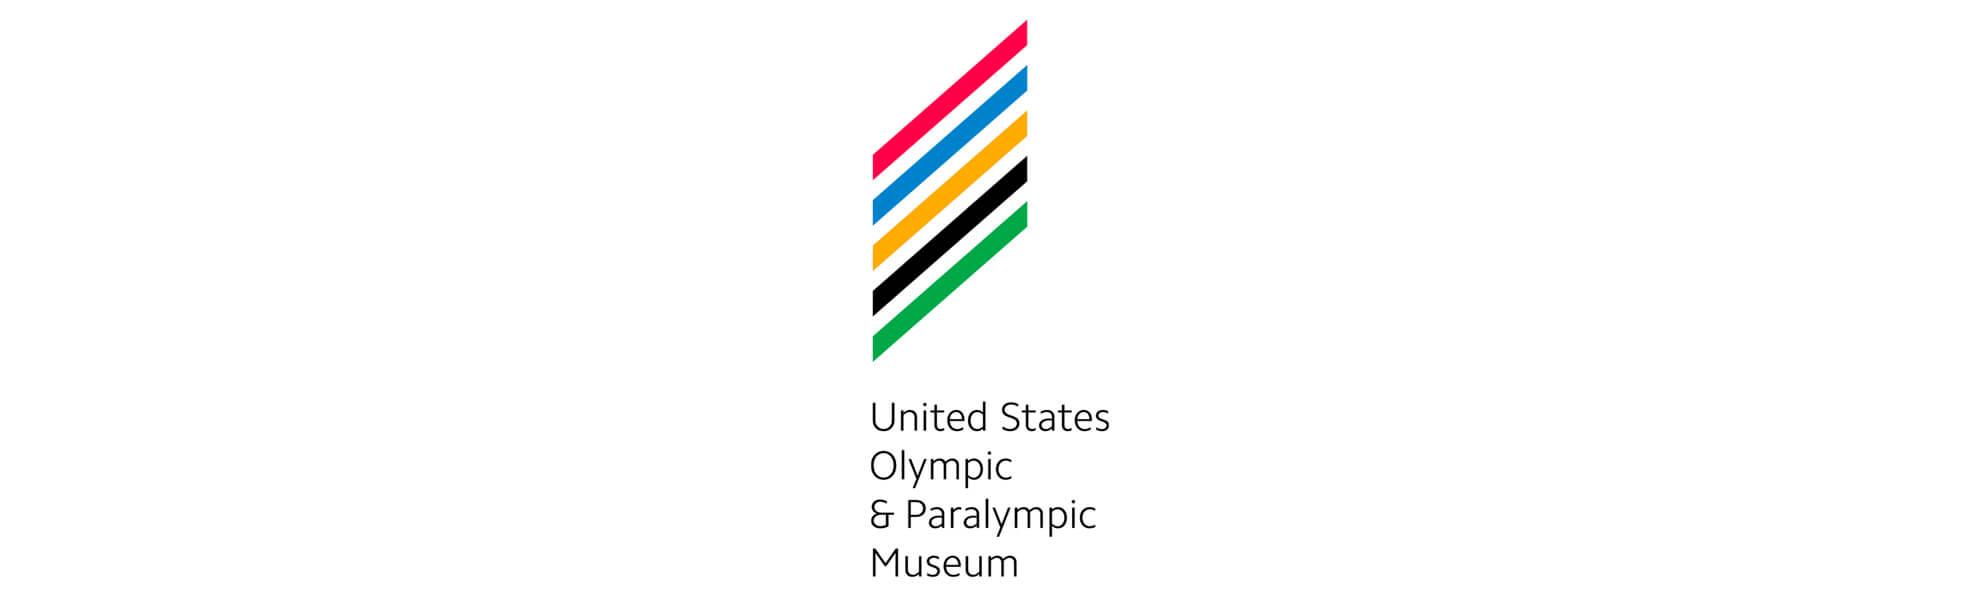 Powstające U.S. Olympic & Paralympic Museum zlogo odChermayeff & Geismar & Haviv